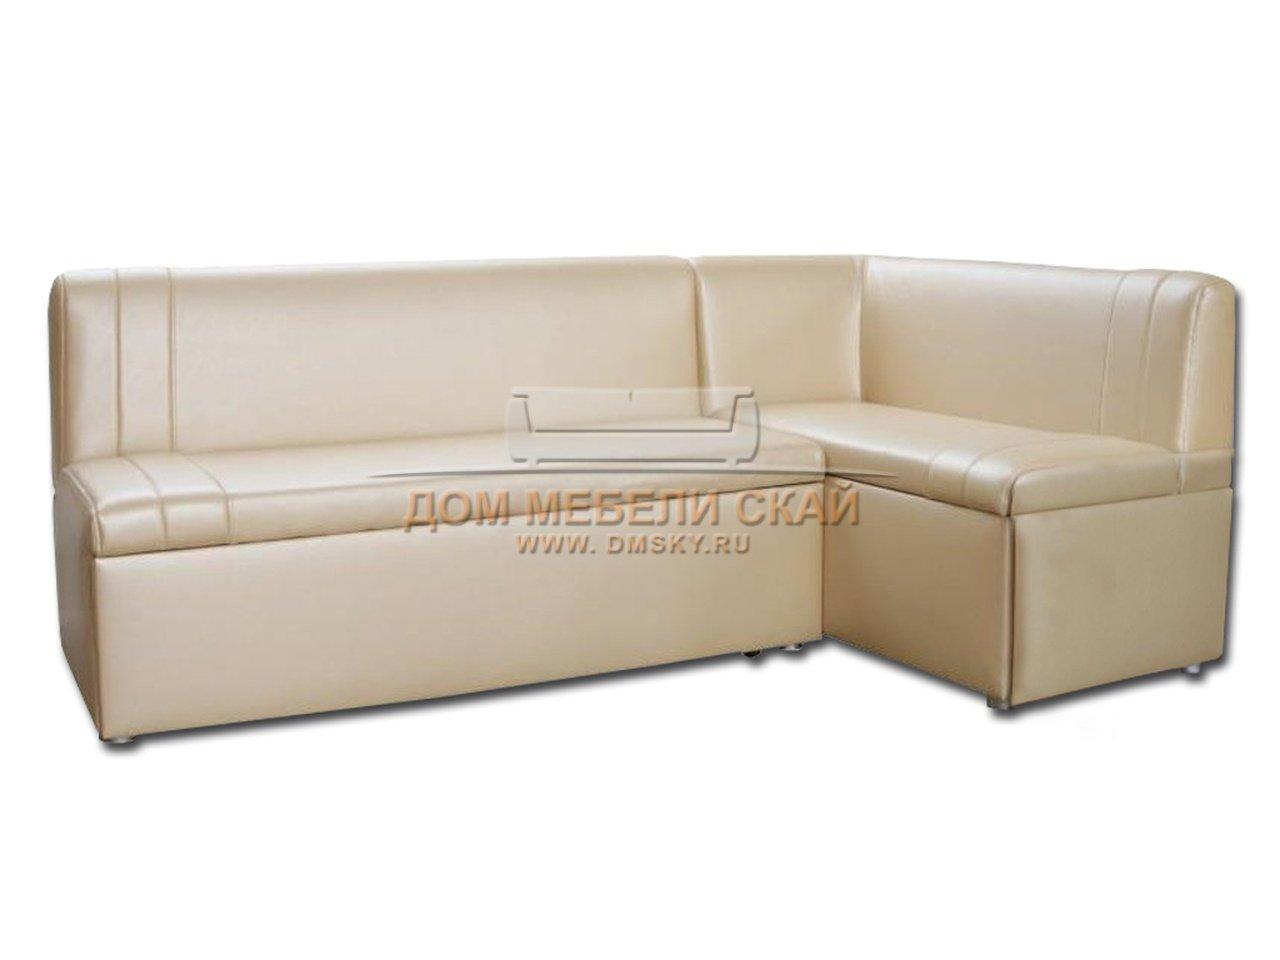 купить кухонный угловой диван уют со спальным местом в интернет